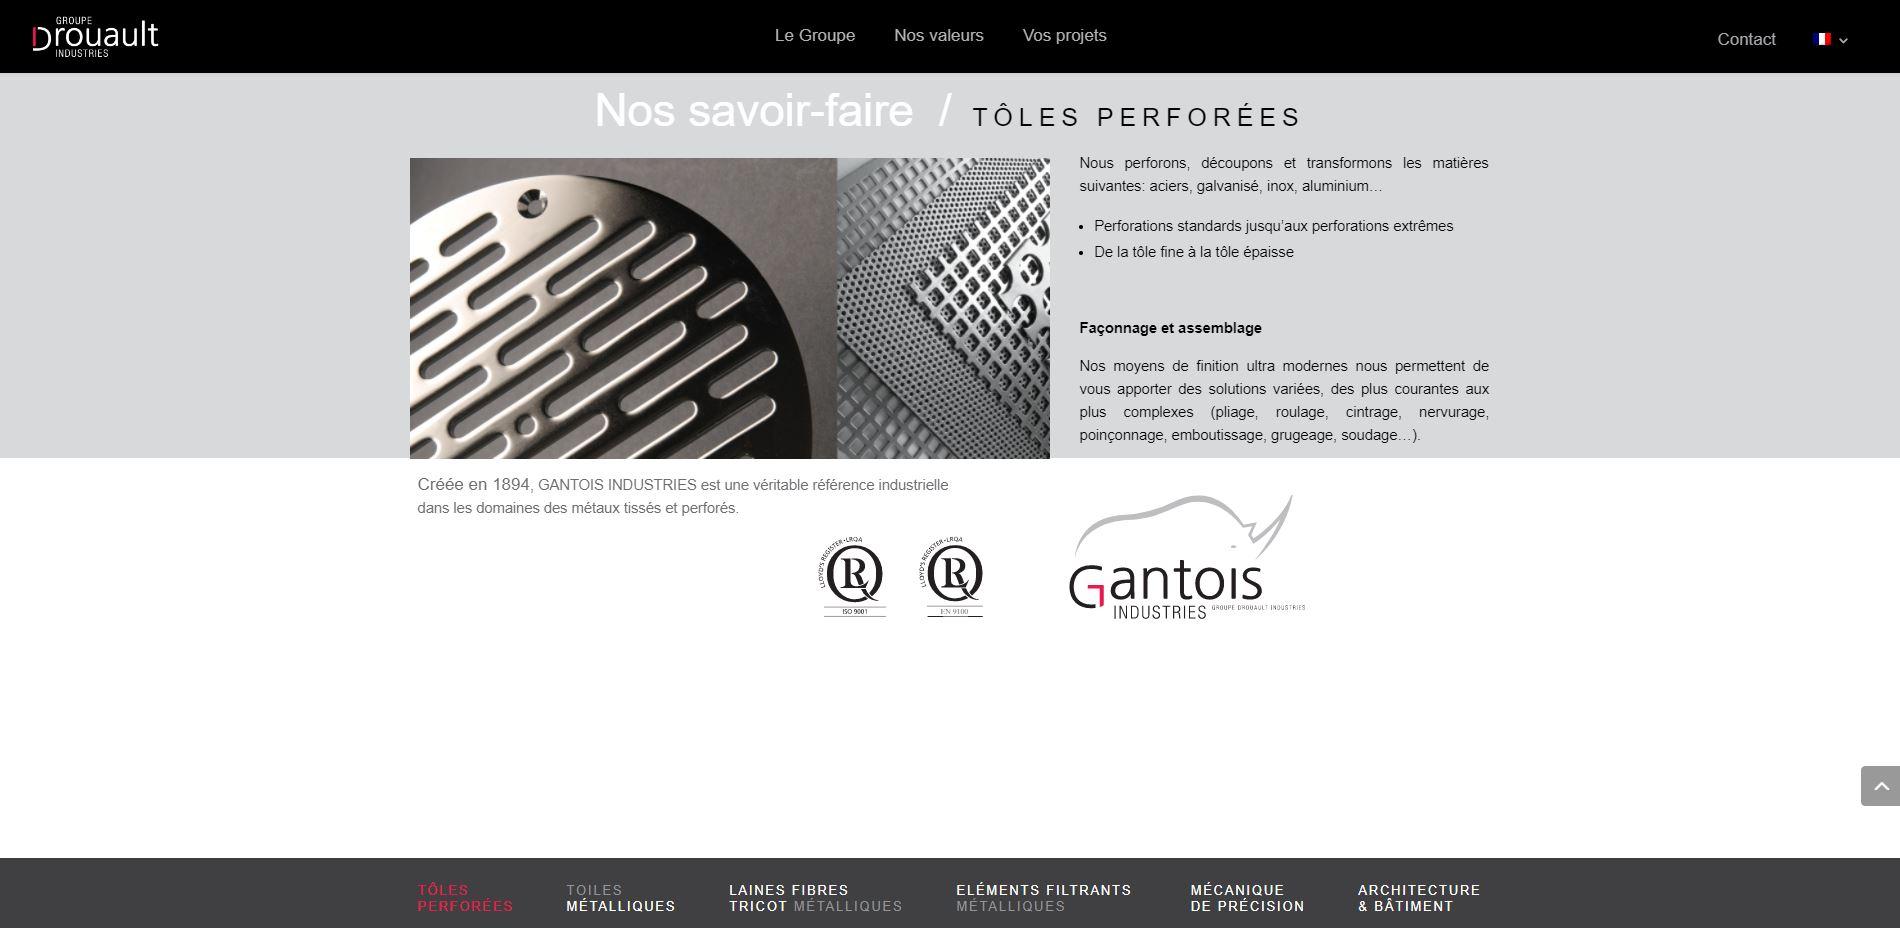 Page du site web Groupe Drouault